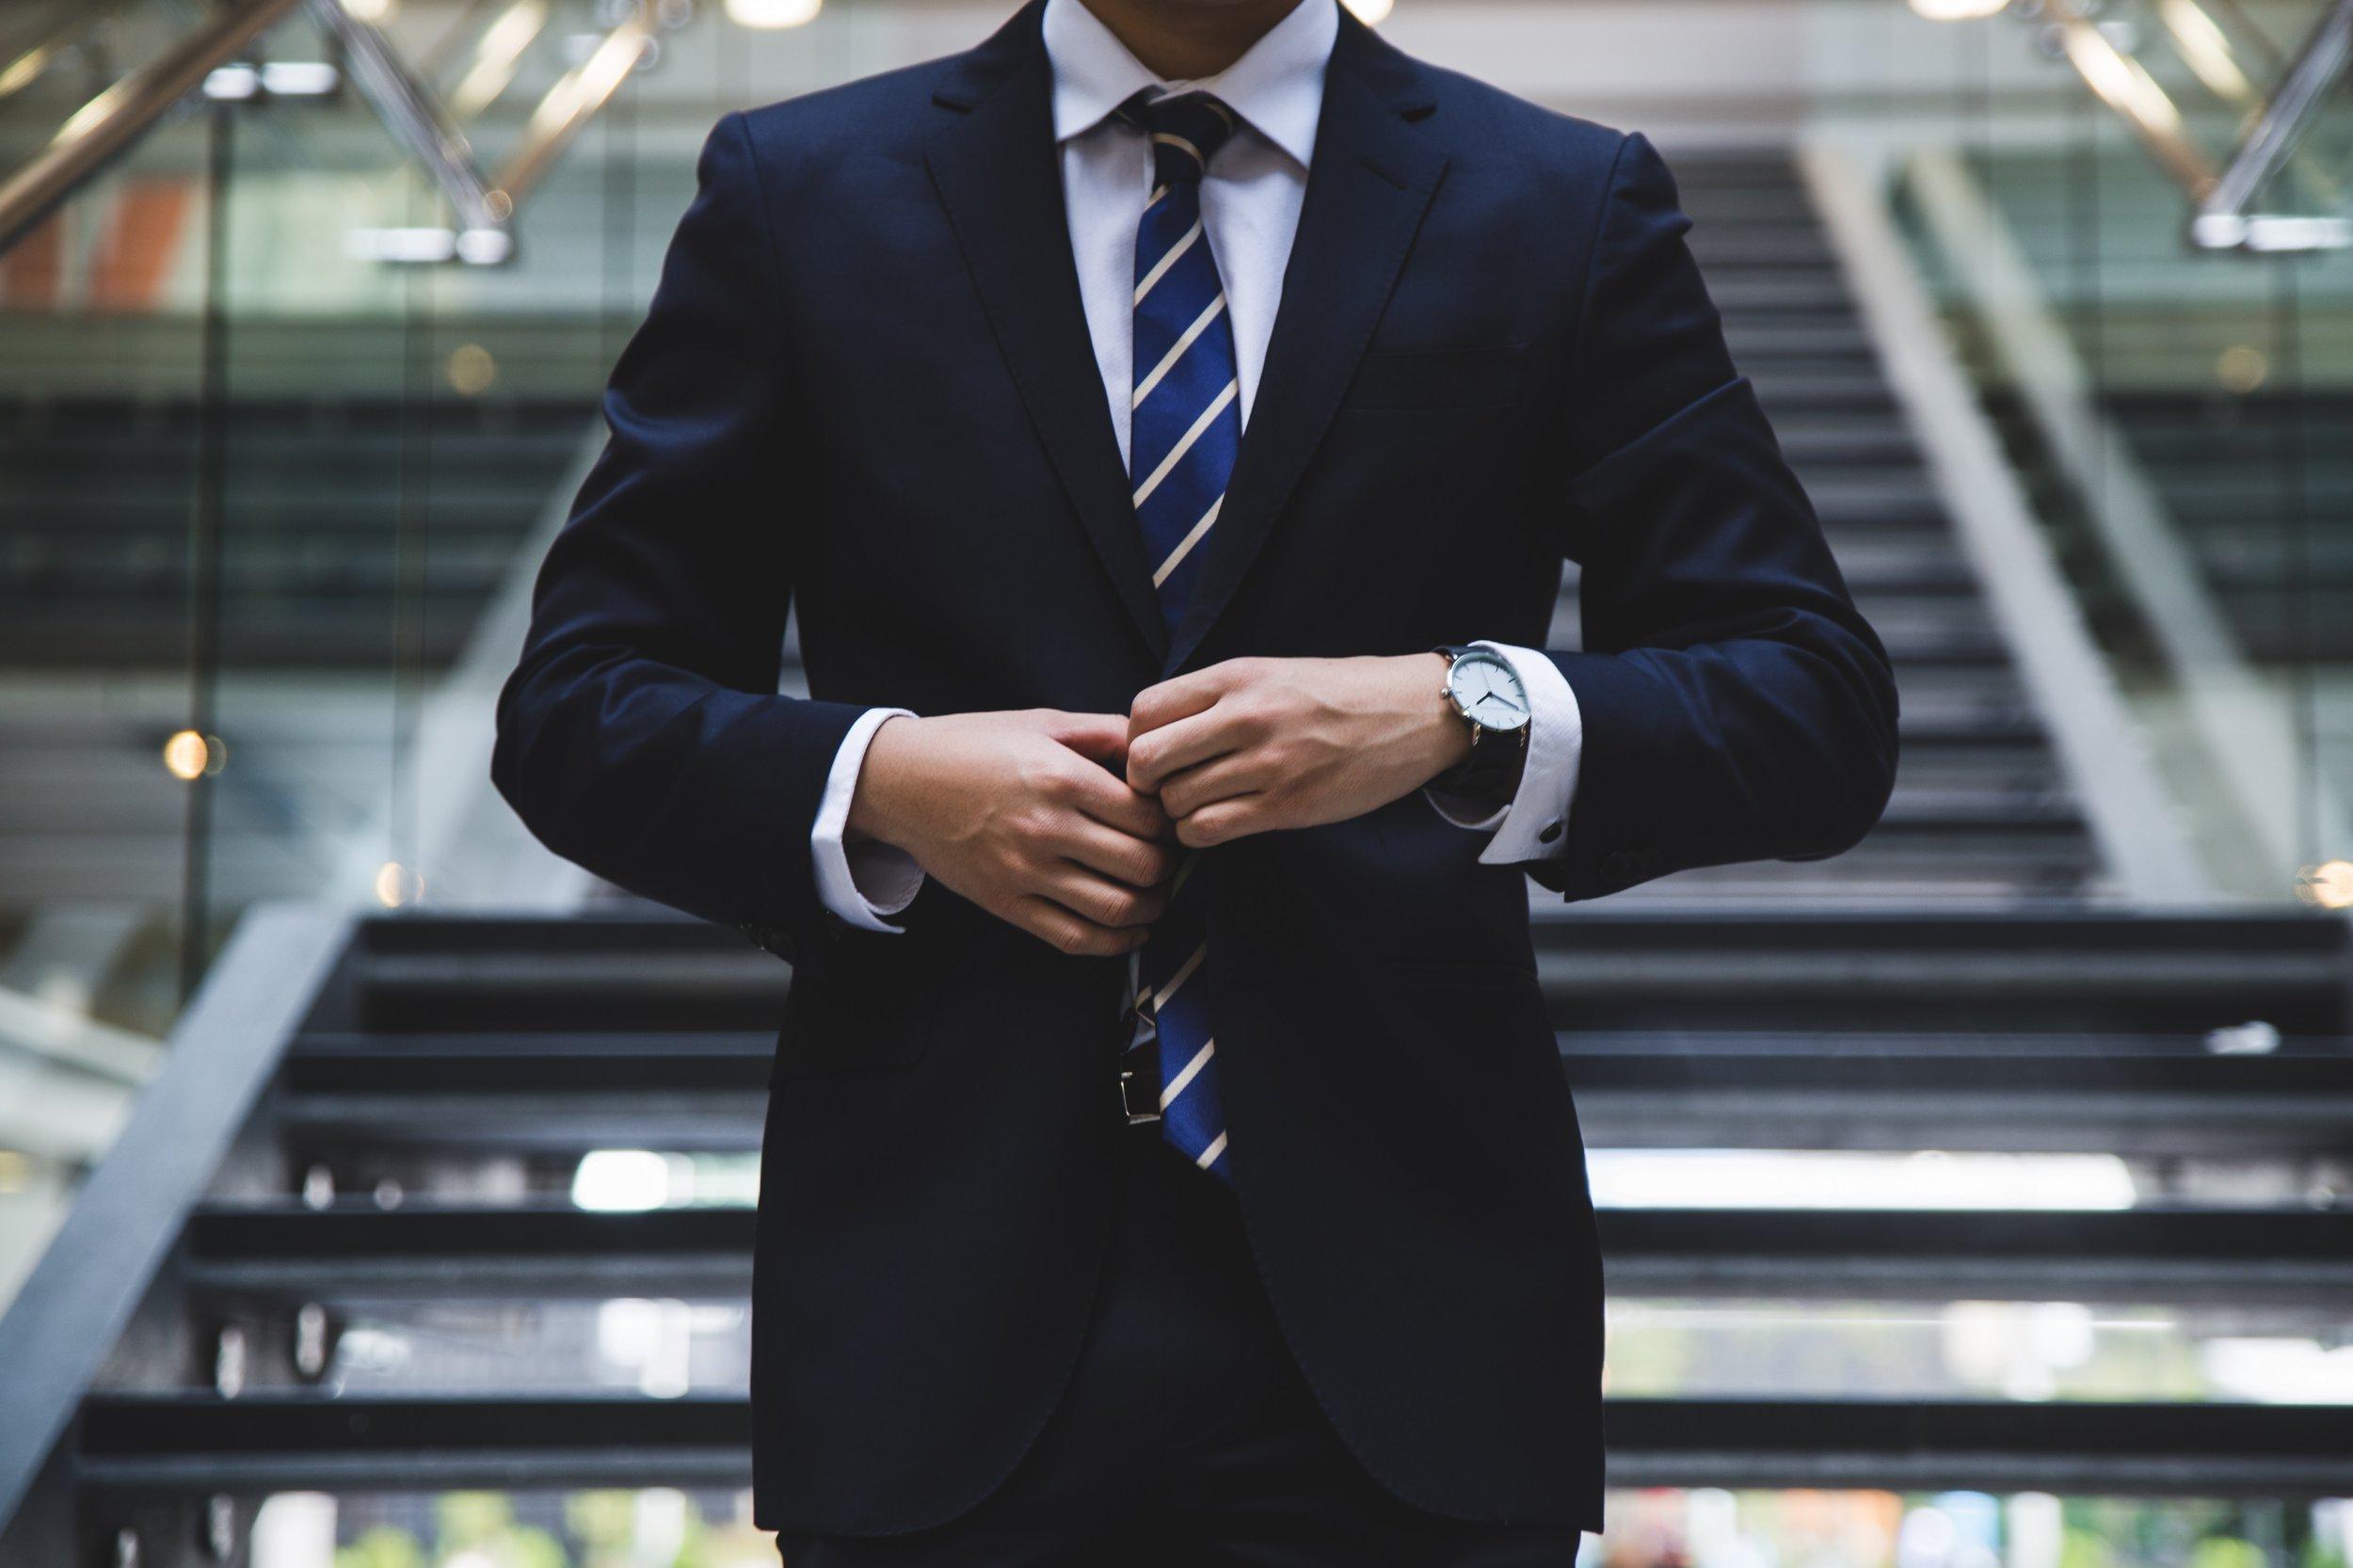 subject-matter-expert-business-suit